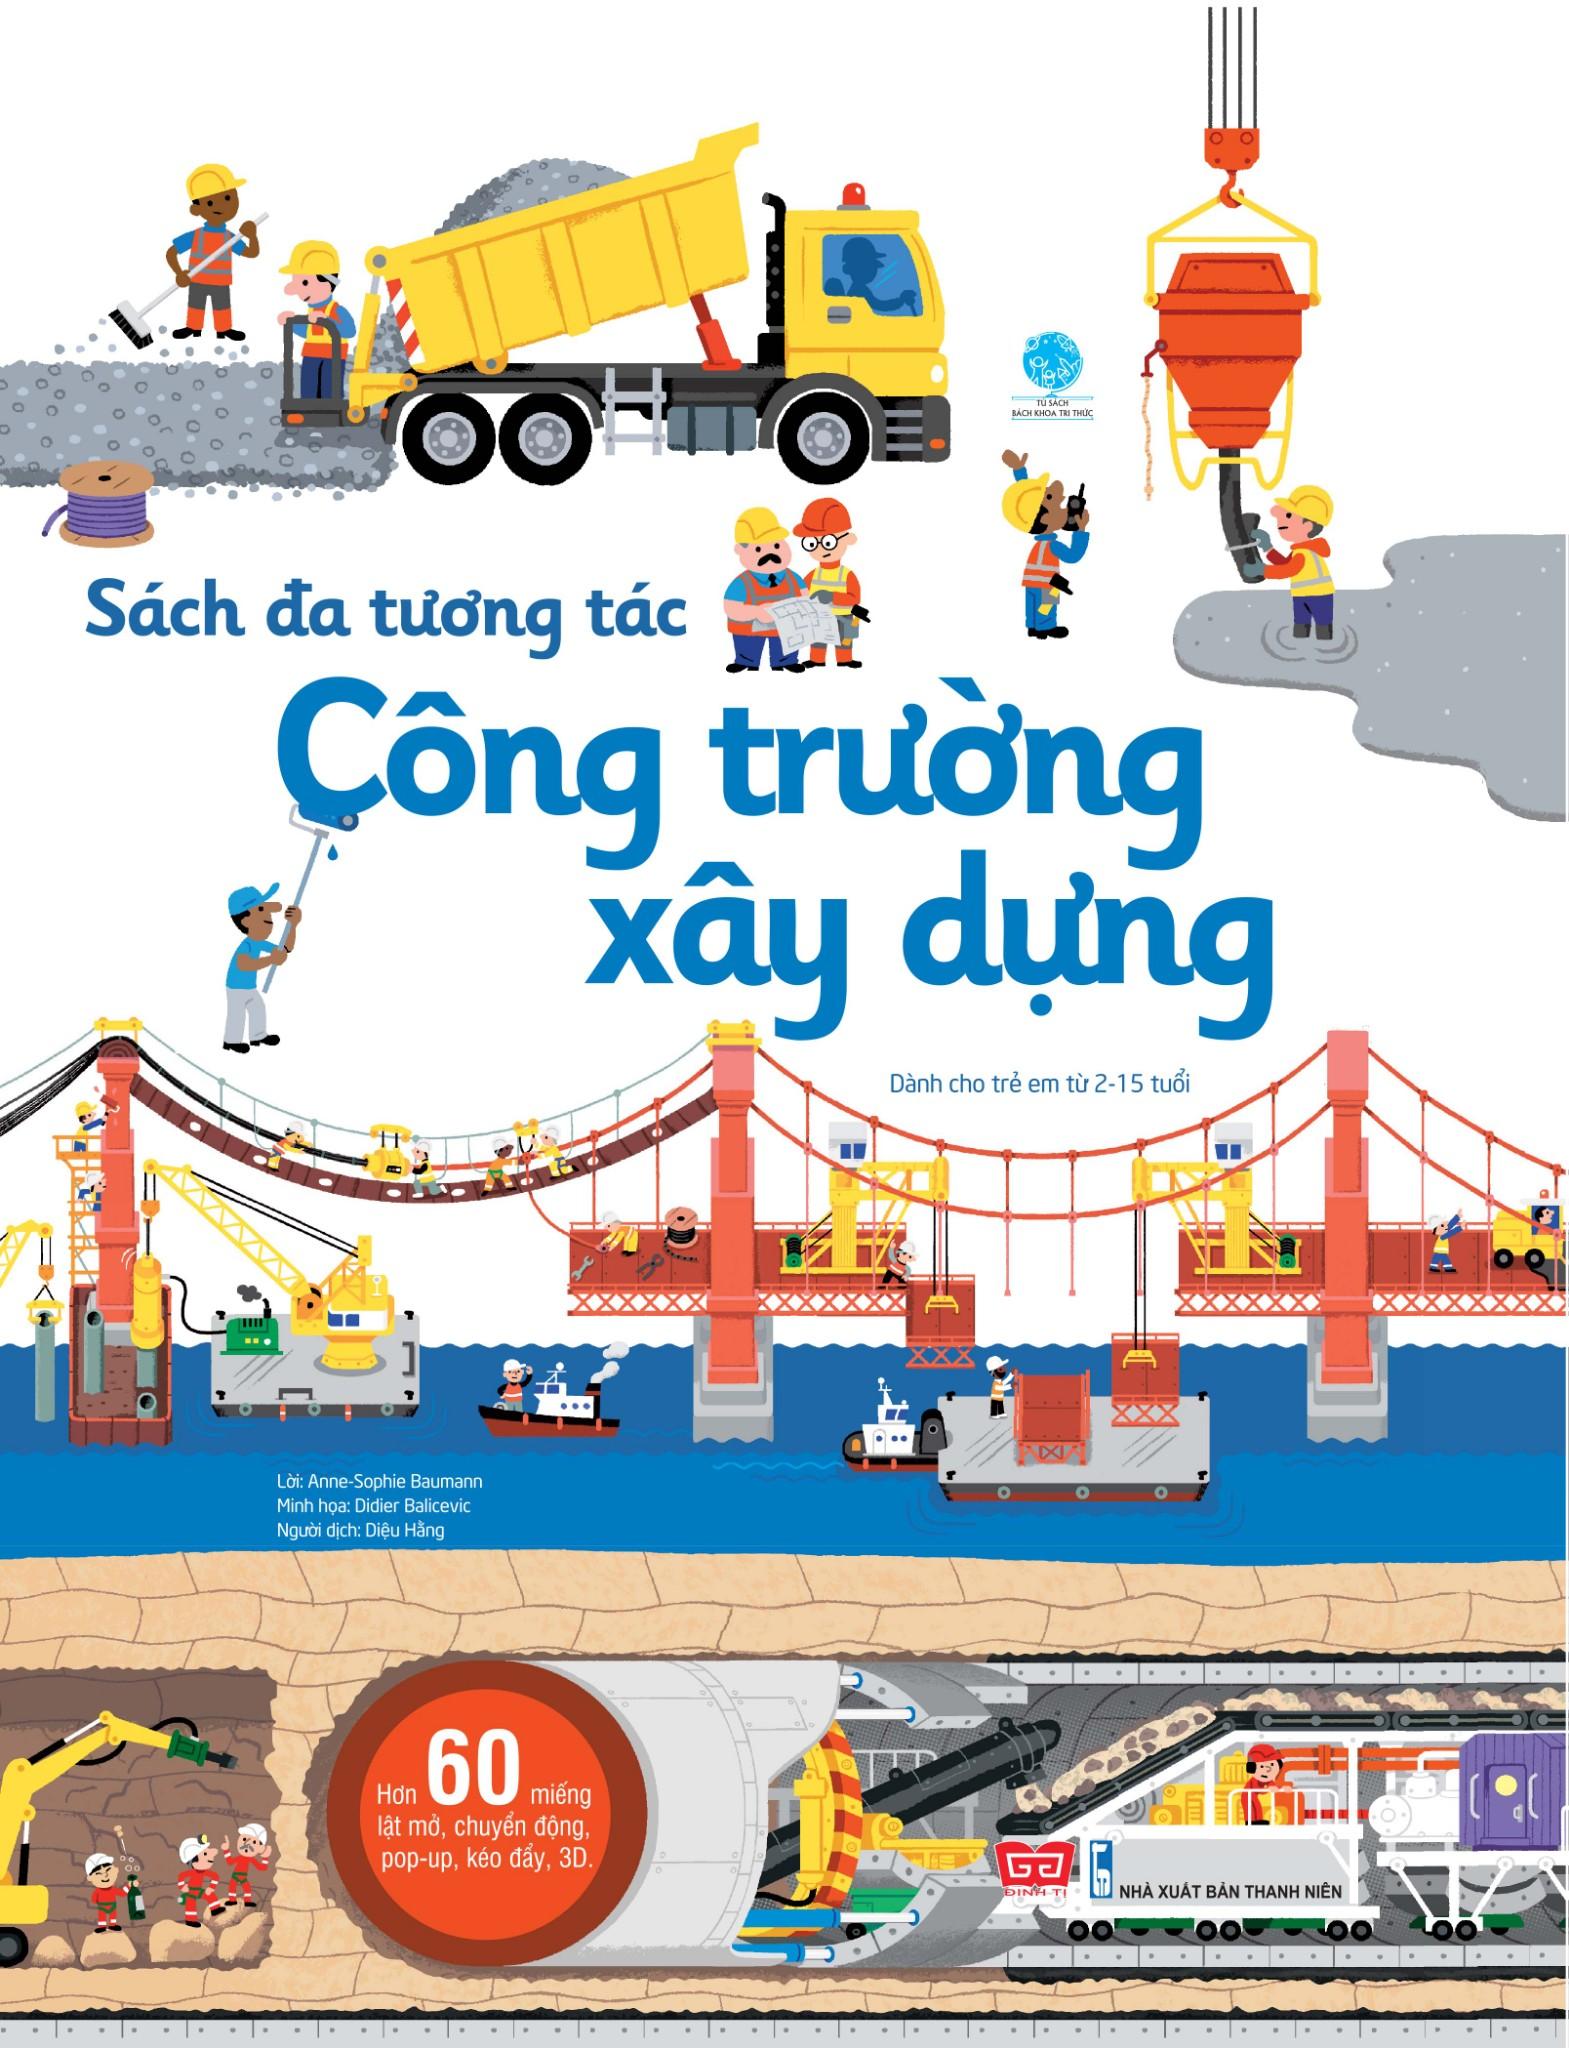 Sách đa tương tác - Công trường xây dựng